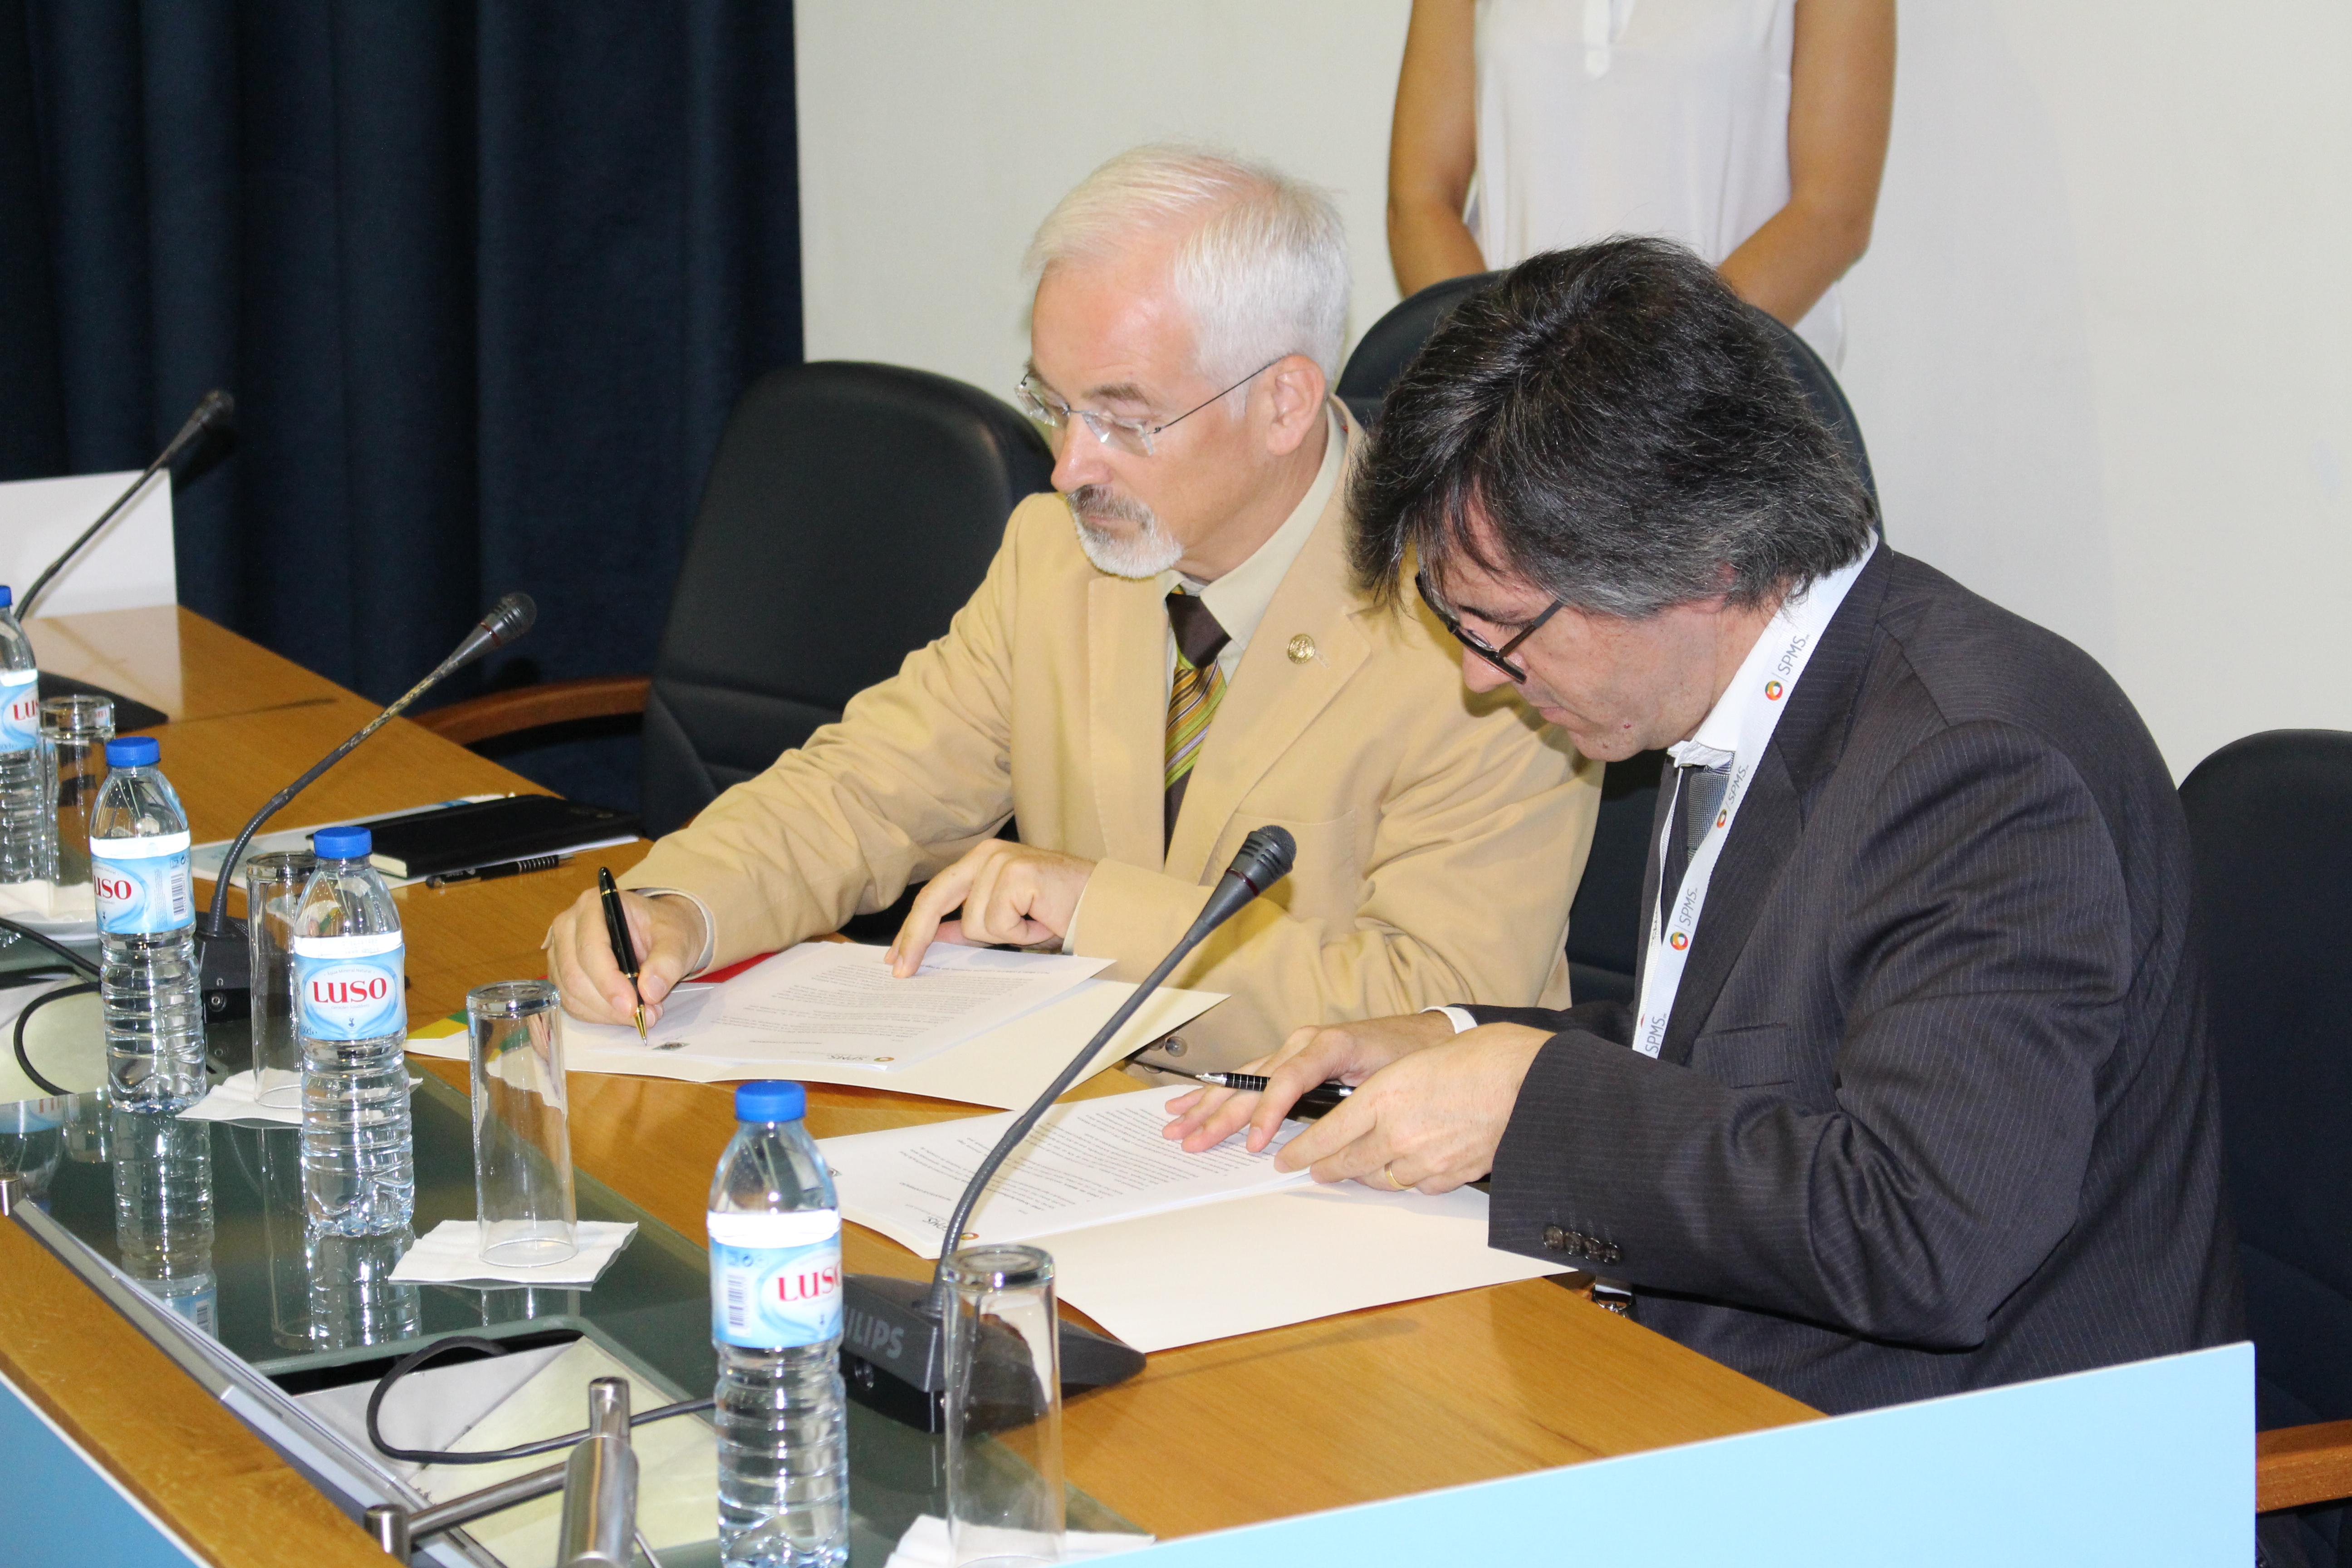 José Manuel Silva, Bastonário da Ordem dos Médicos e Henrique Martins, Presidente do Conselho de Administração da SPMS